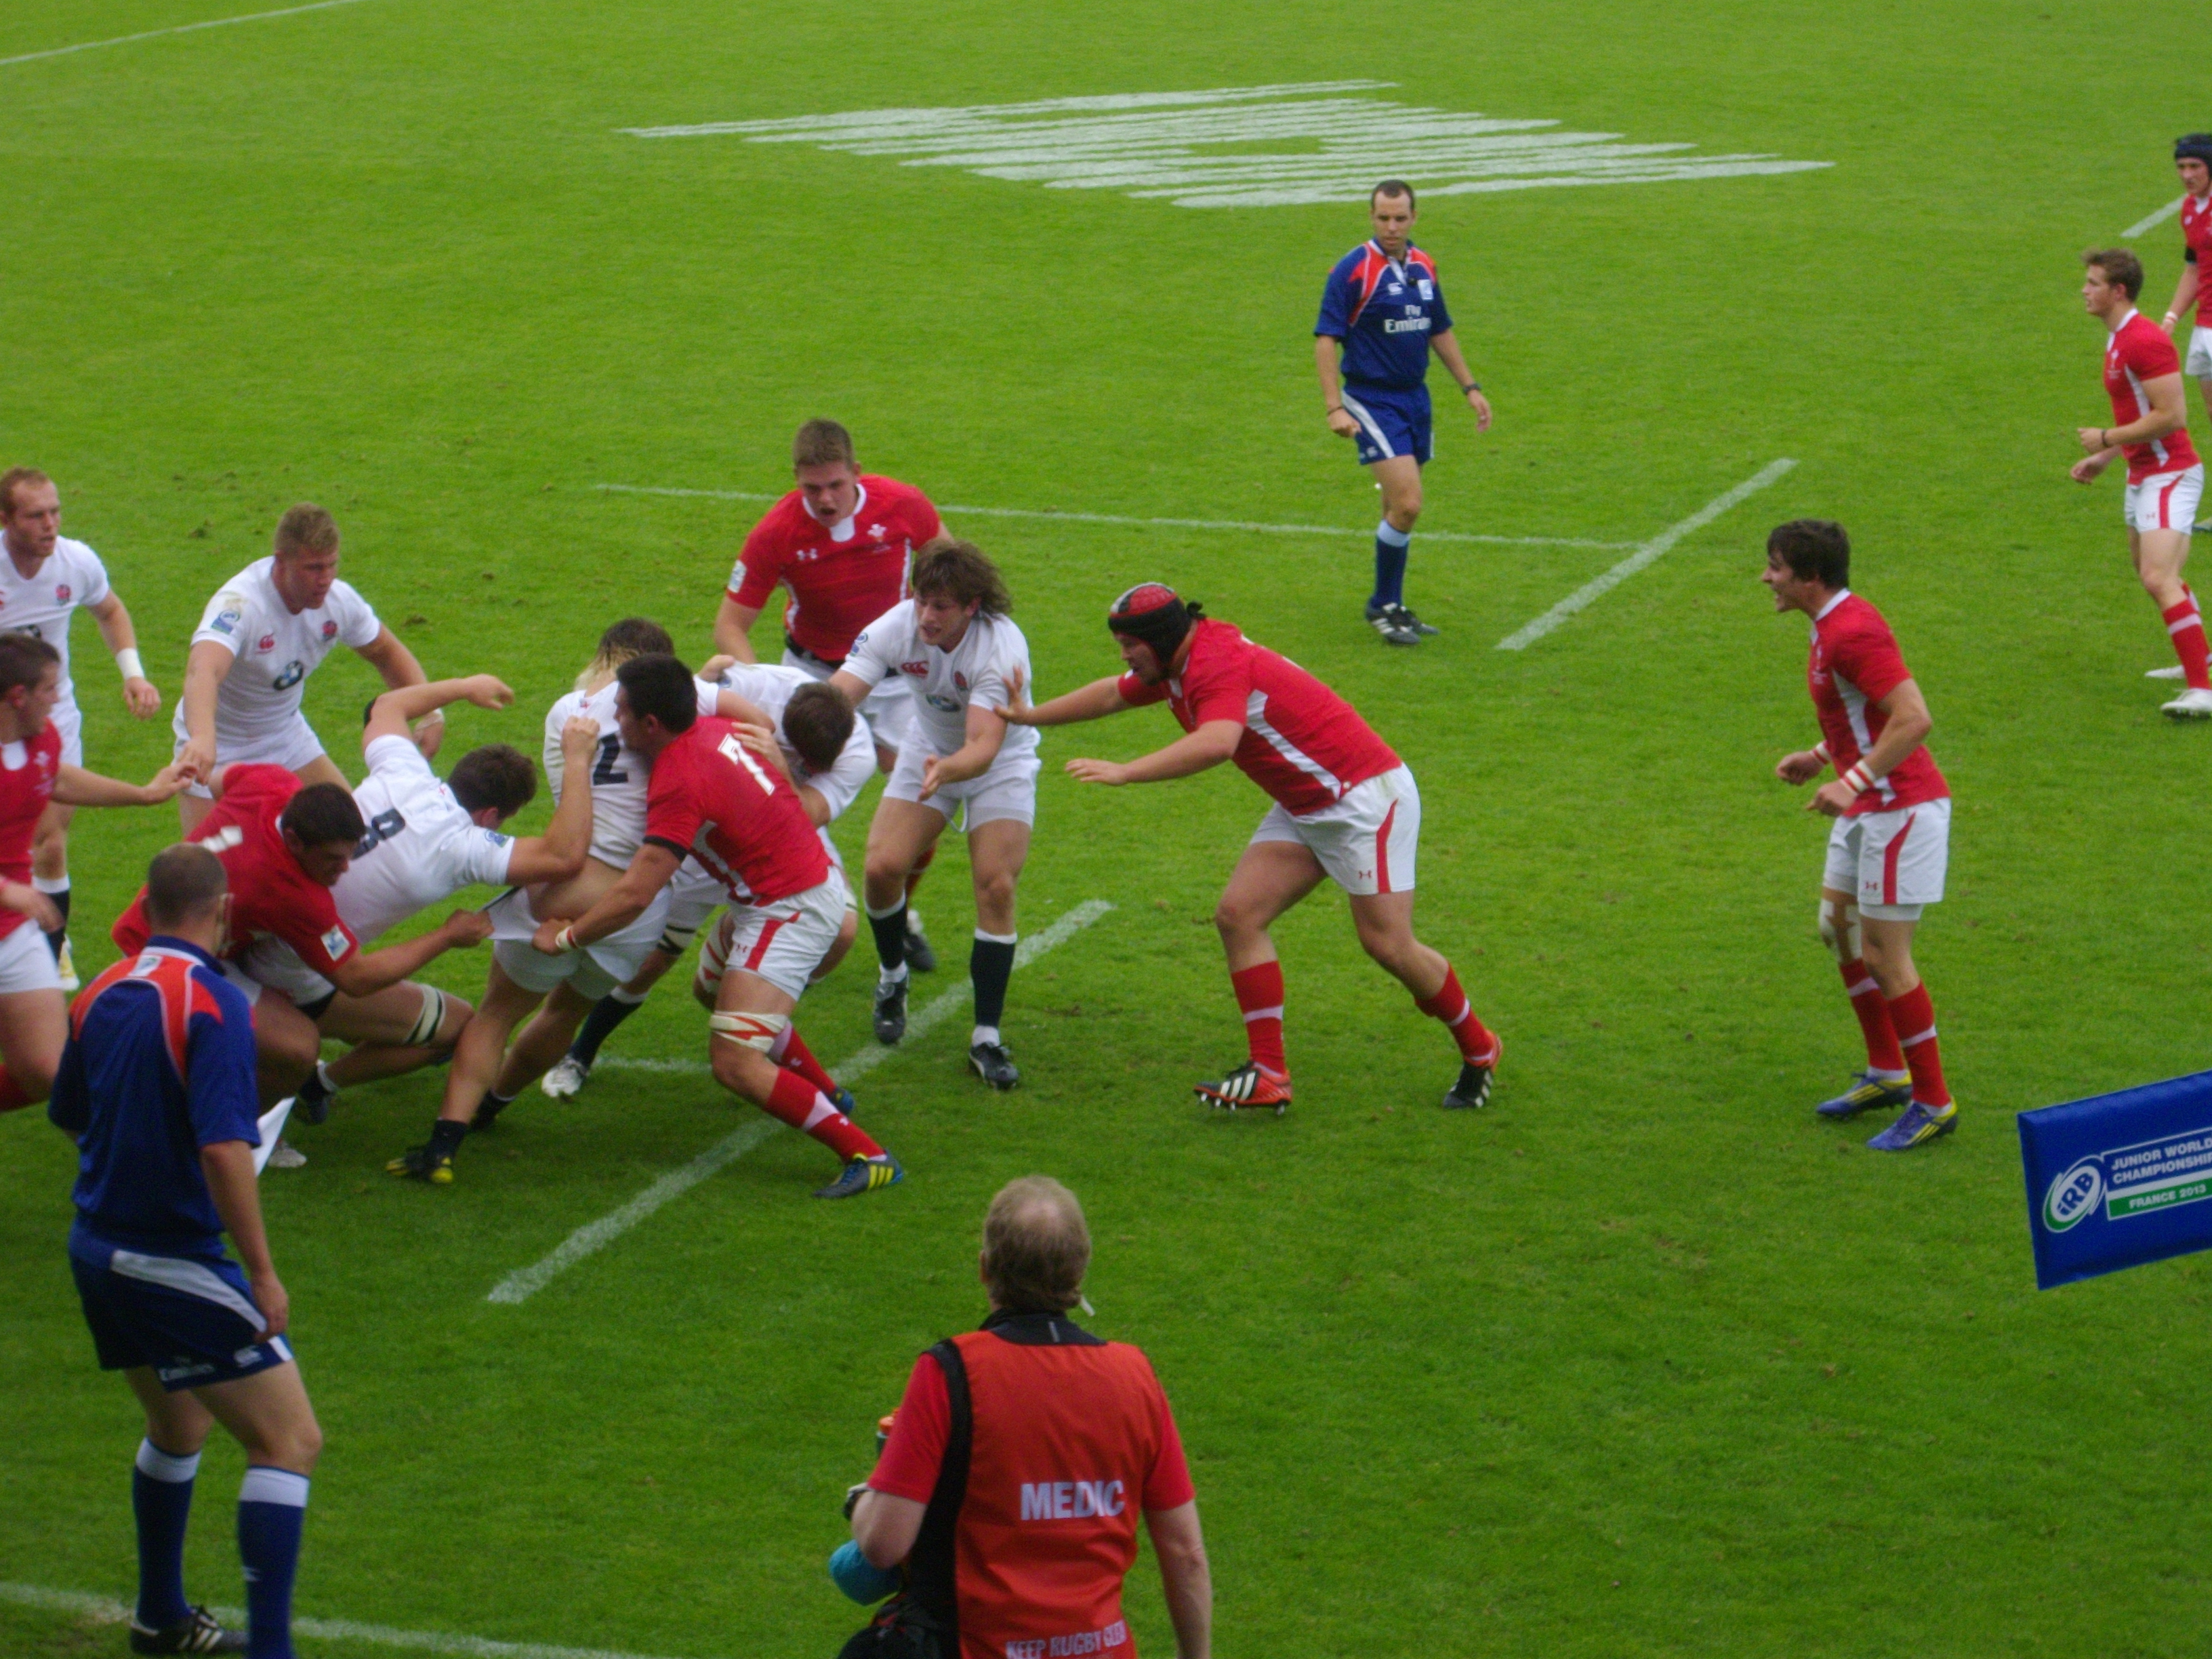 File coupe du monde junior de rugby xv 2013 finale 12 jpg wikimedia commons - Finale coupe du monde rugby ...